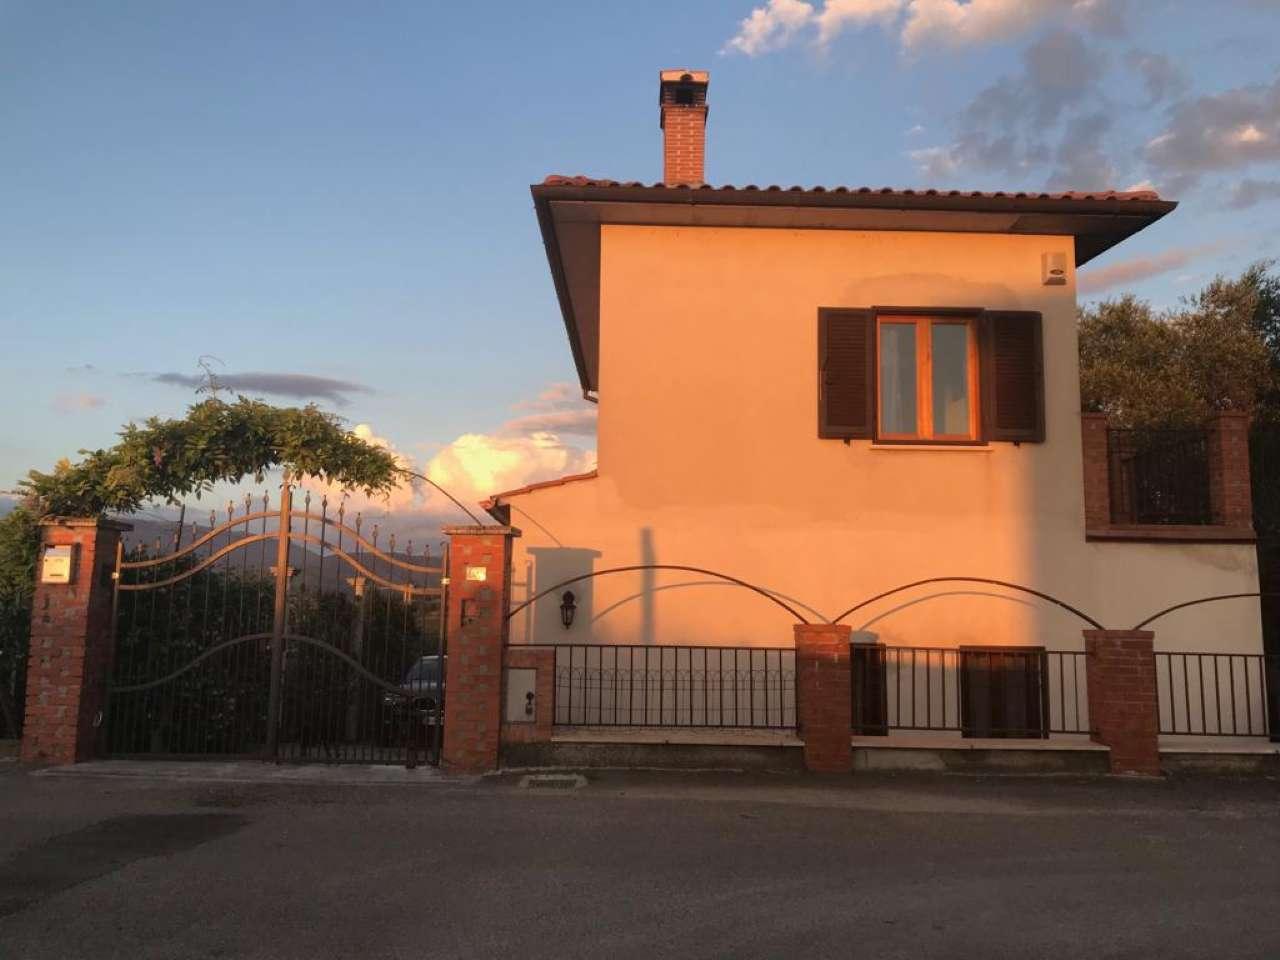 Soluzione Indipendente in vendita a Magliano Sabina, 5 locali, prezzo € 120.000 | CambioCasa.it